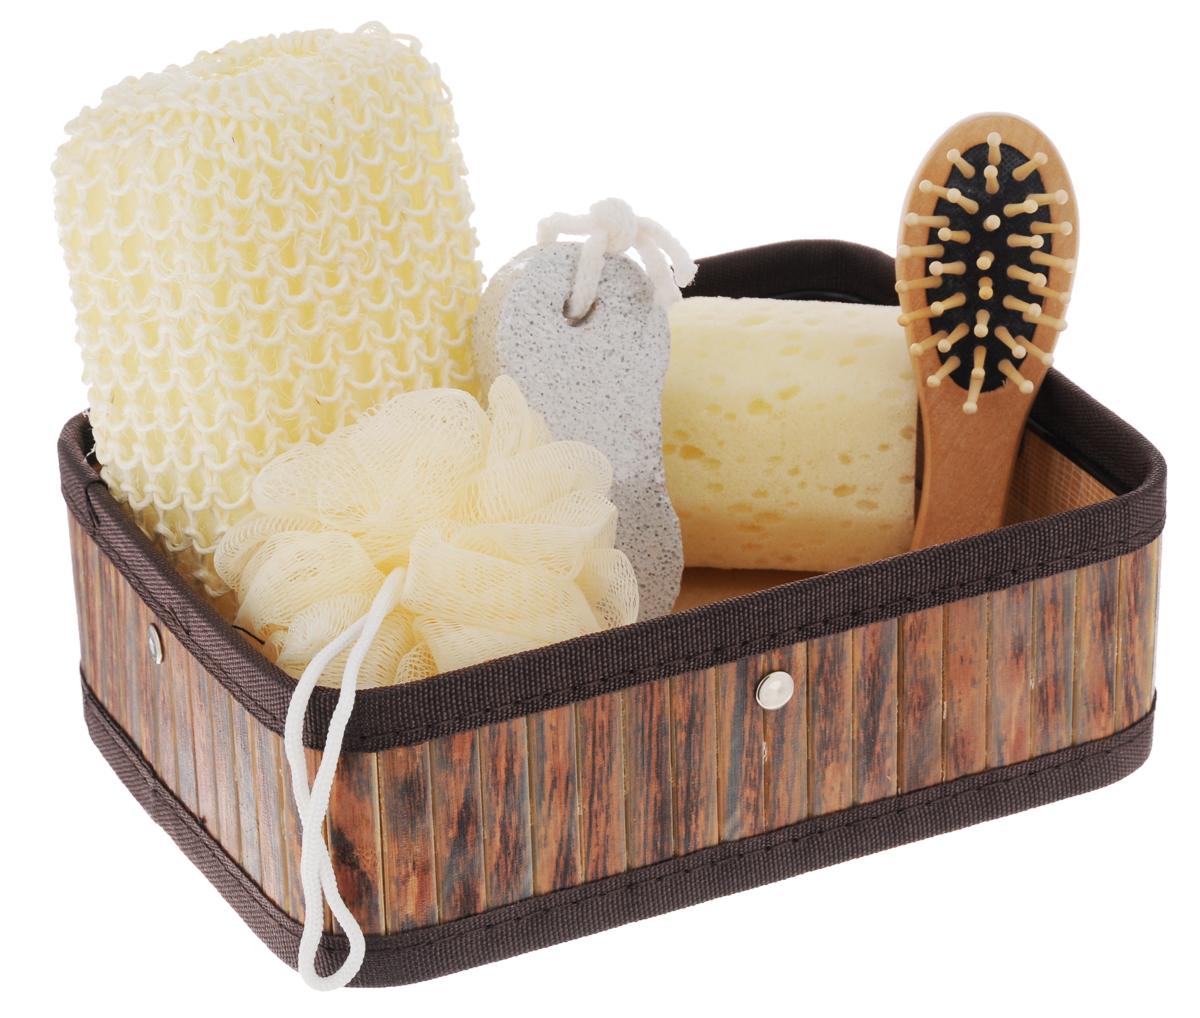 Набор для ванной и бани Феникс-Презент Чистюля, 6 предметовPS0016Набор для ванной и бани Феникс-презент Чистюля включает: - массажная щетка для волос из древесины павловнии, - мочалка для купания из сизаля, - мочалка для купания из полиэтилена, - губка для купания из поролона, - пемза для ухода за кожей,- коробка из бамбука. Такой мини-набор станет не заменимым и сделает банную процедуру еще более комфортной и расслабляющей. Размер мочалки из сизаля: 14 х 9 х 4,5 см. Диаметр мочалки из полиэтилена: 9,5 см. Диаметр губки для купания: 6 см.Размер щетки для волос: 12 х 4 х 2,3 см.Размер коробки: 22,1 х 16,1 х 7,2 см.Размер пемзы: 9,5 х 4,2 х 1,5 см.